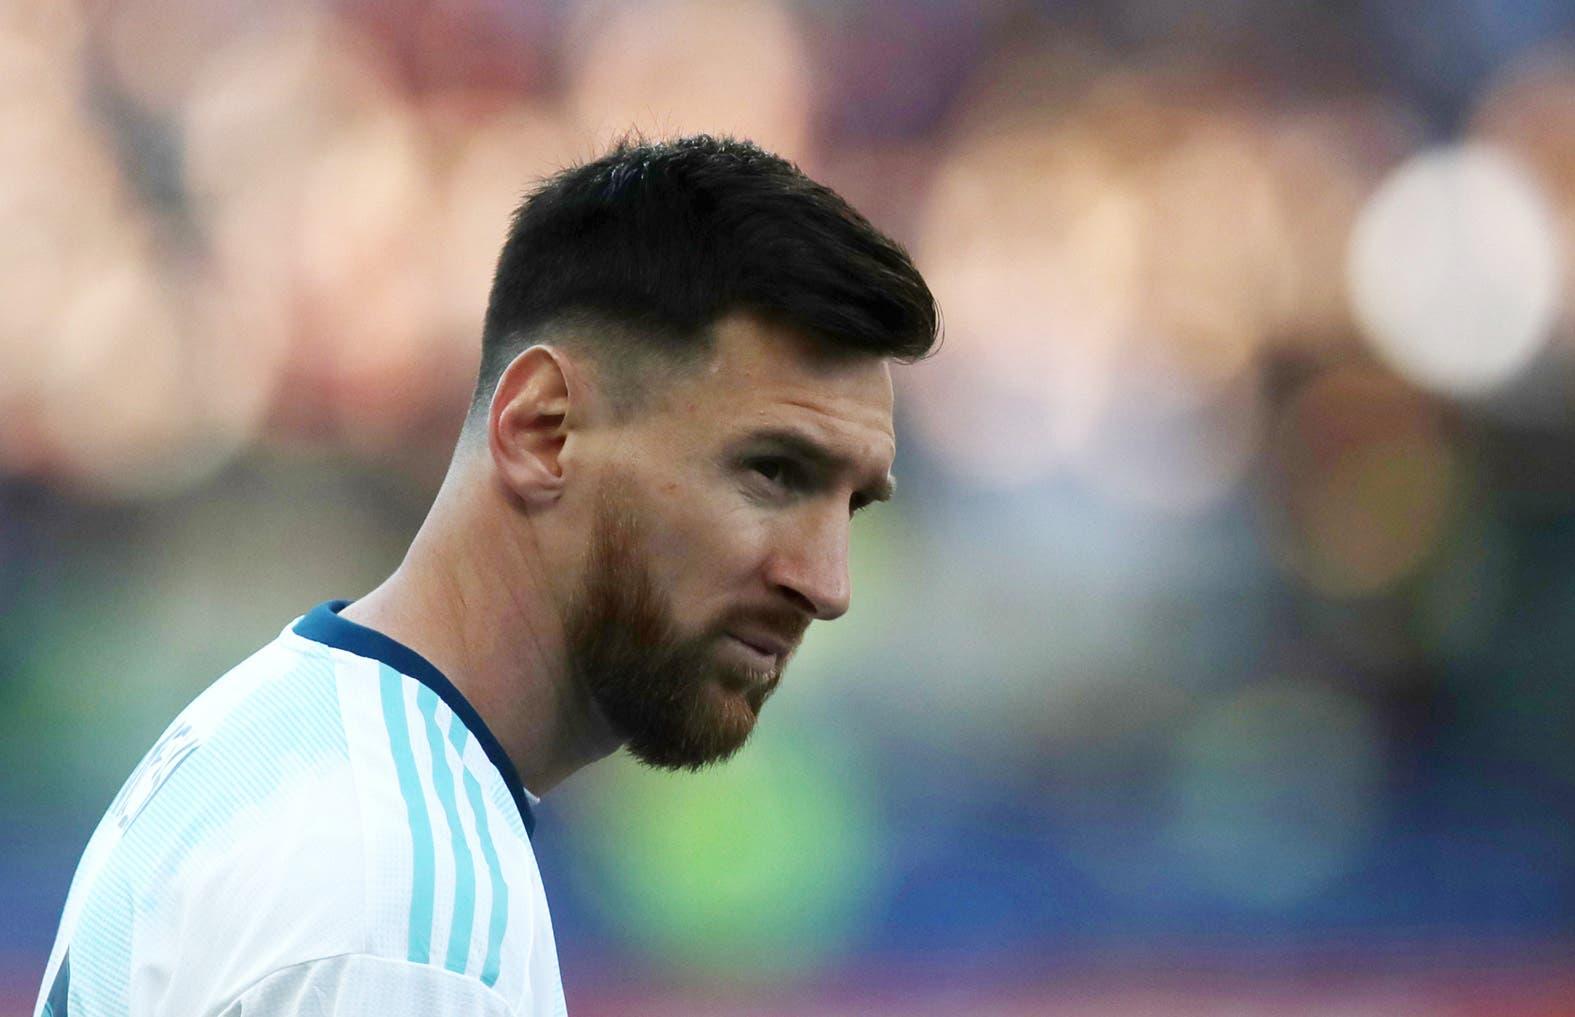 """Lionel Messi: """"En una época decían que era de River, pero fui siempre de Newell's y lo sigo siendo"""""""